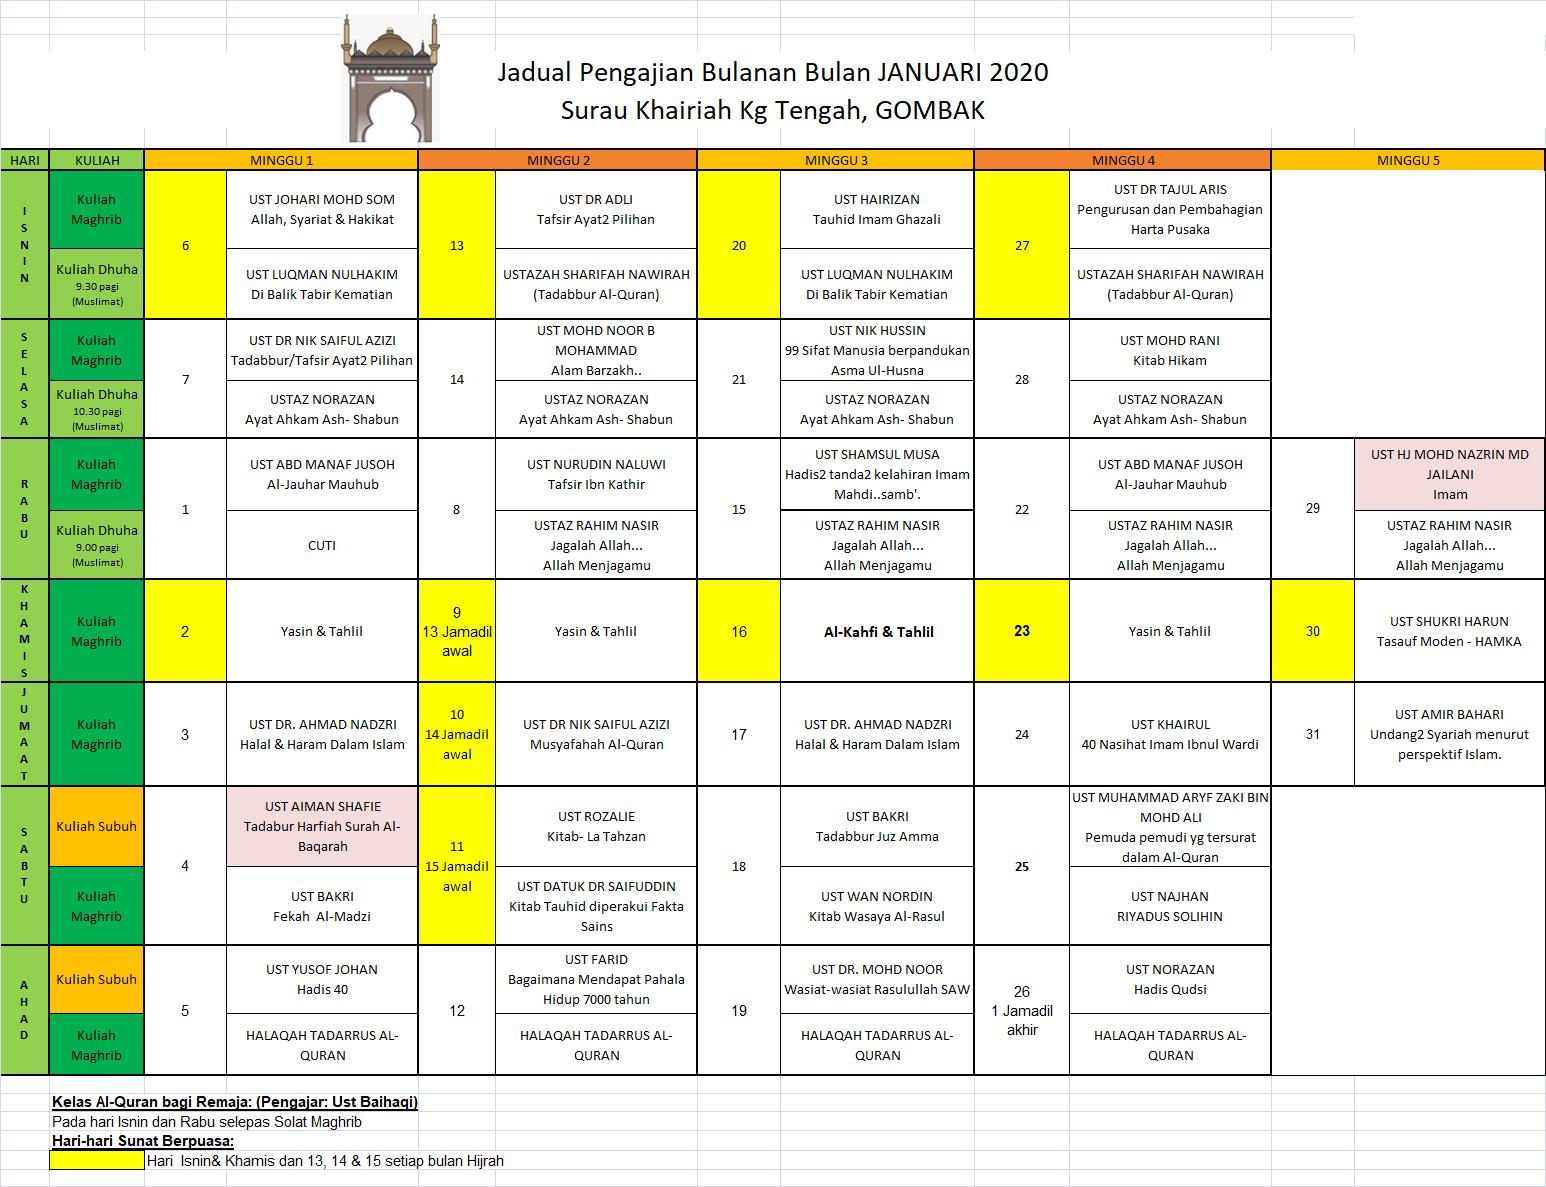 Jadual Jan 2020